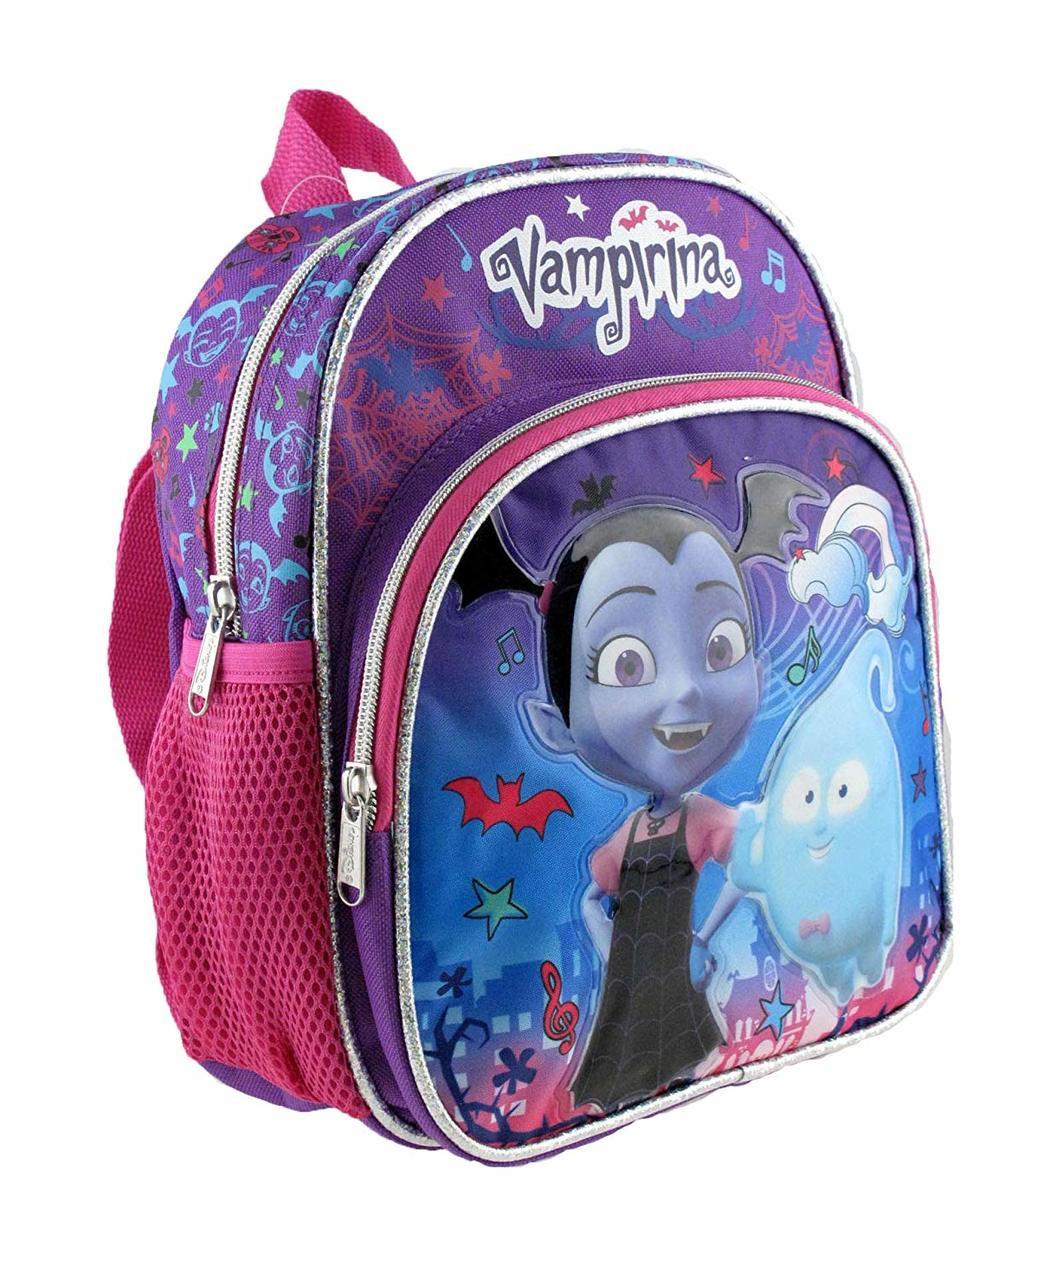 e6d8c128ff8 Mini Backpack Disney Vampirina Shiny 10